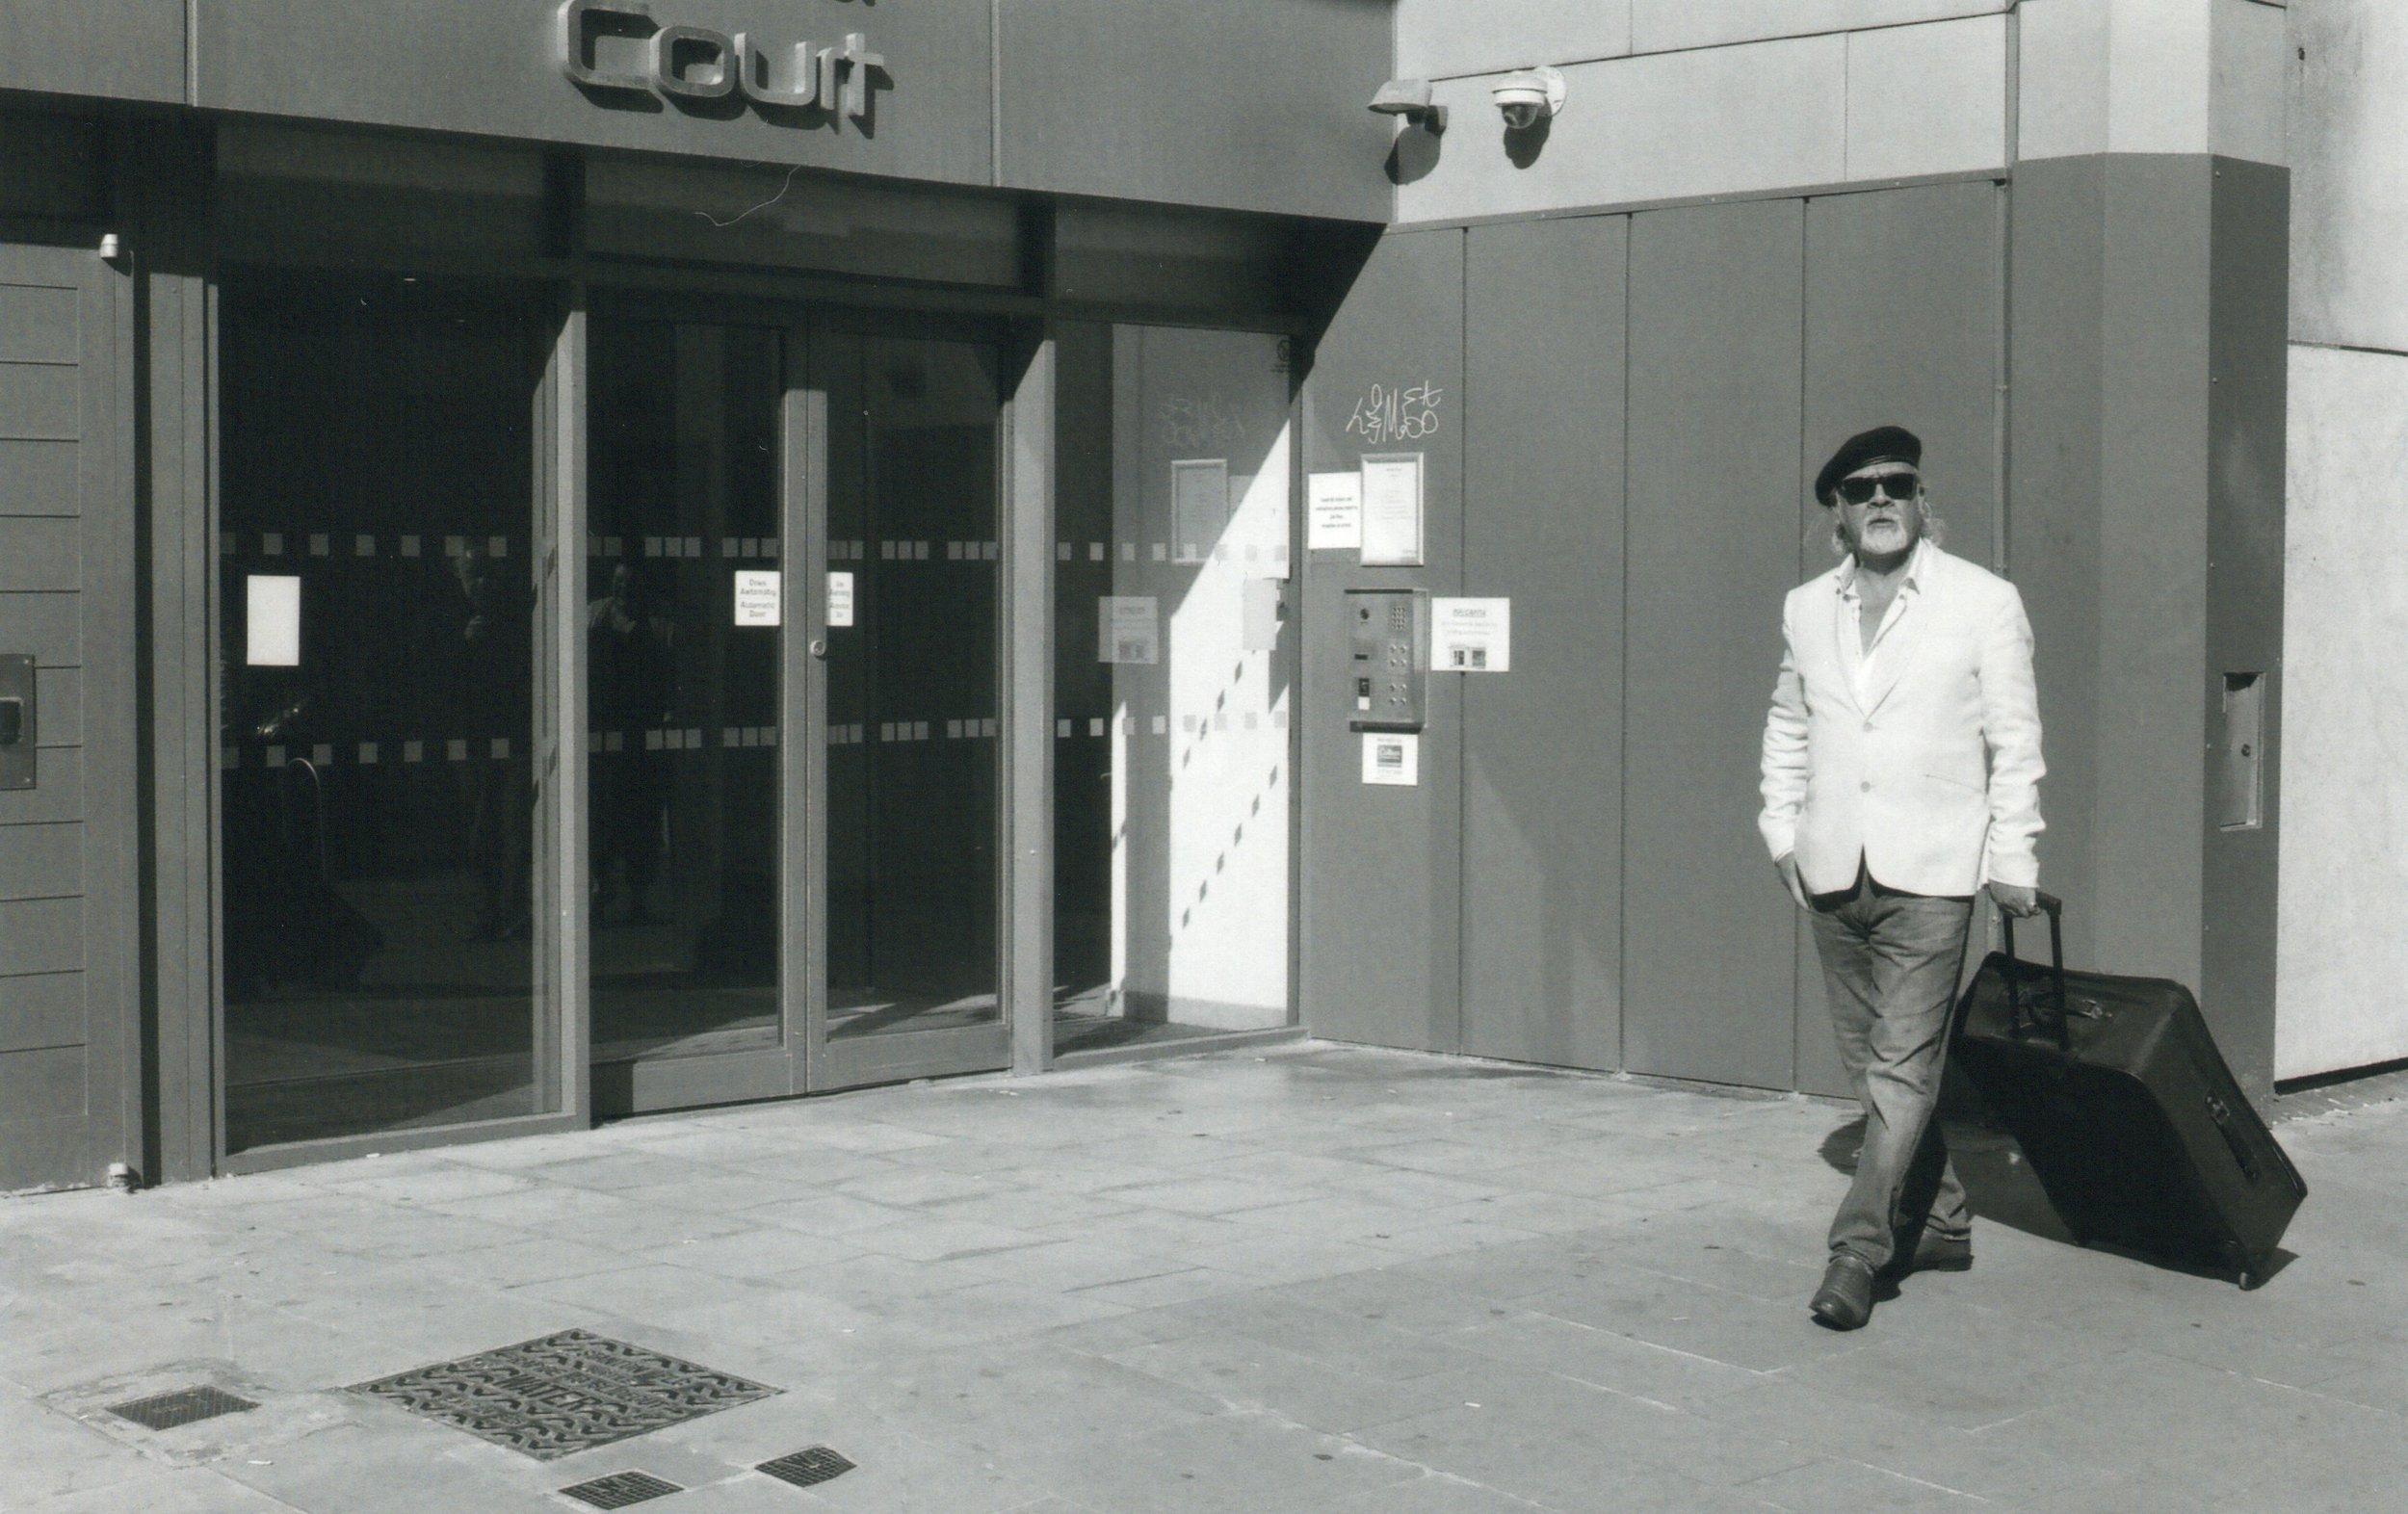 Cardiff 9.jpg